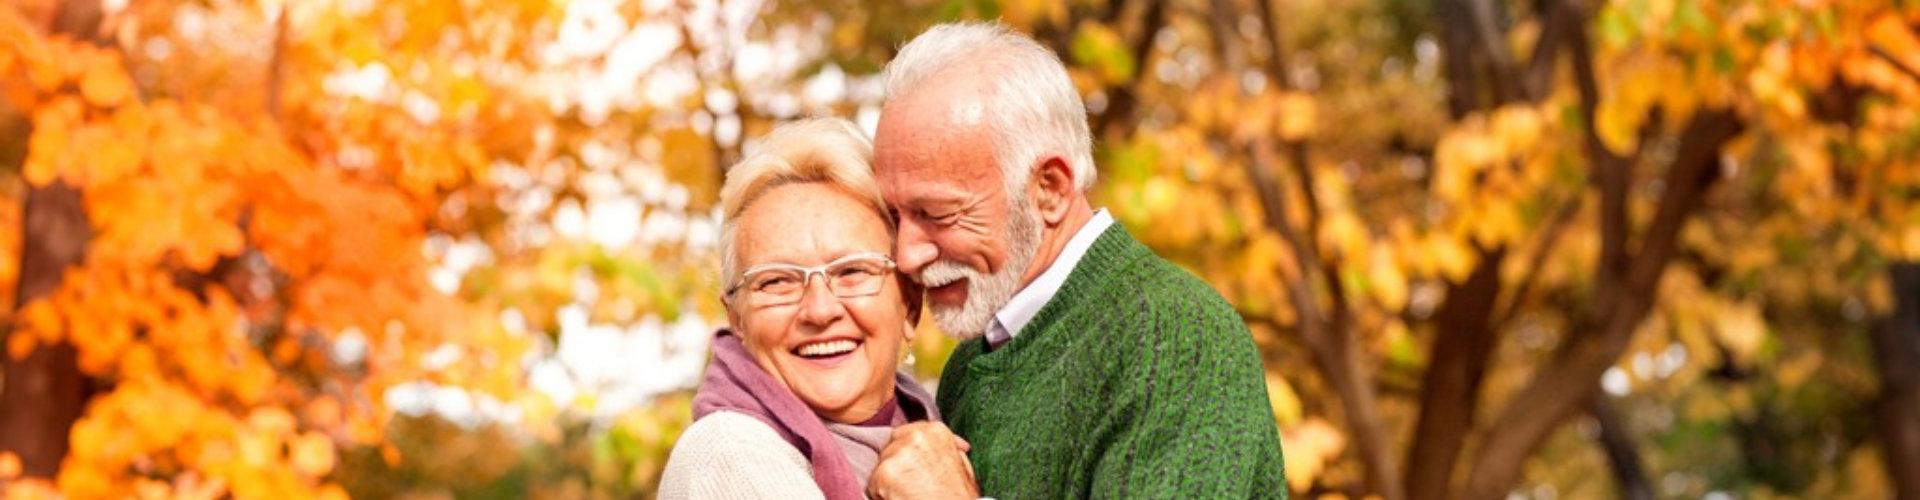 senior couple on the park